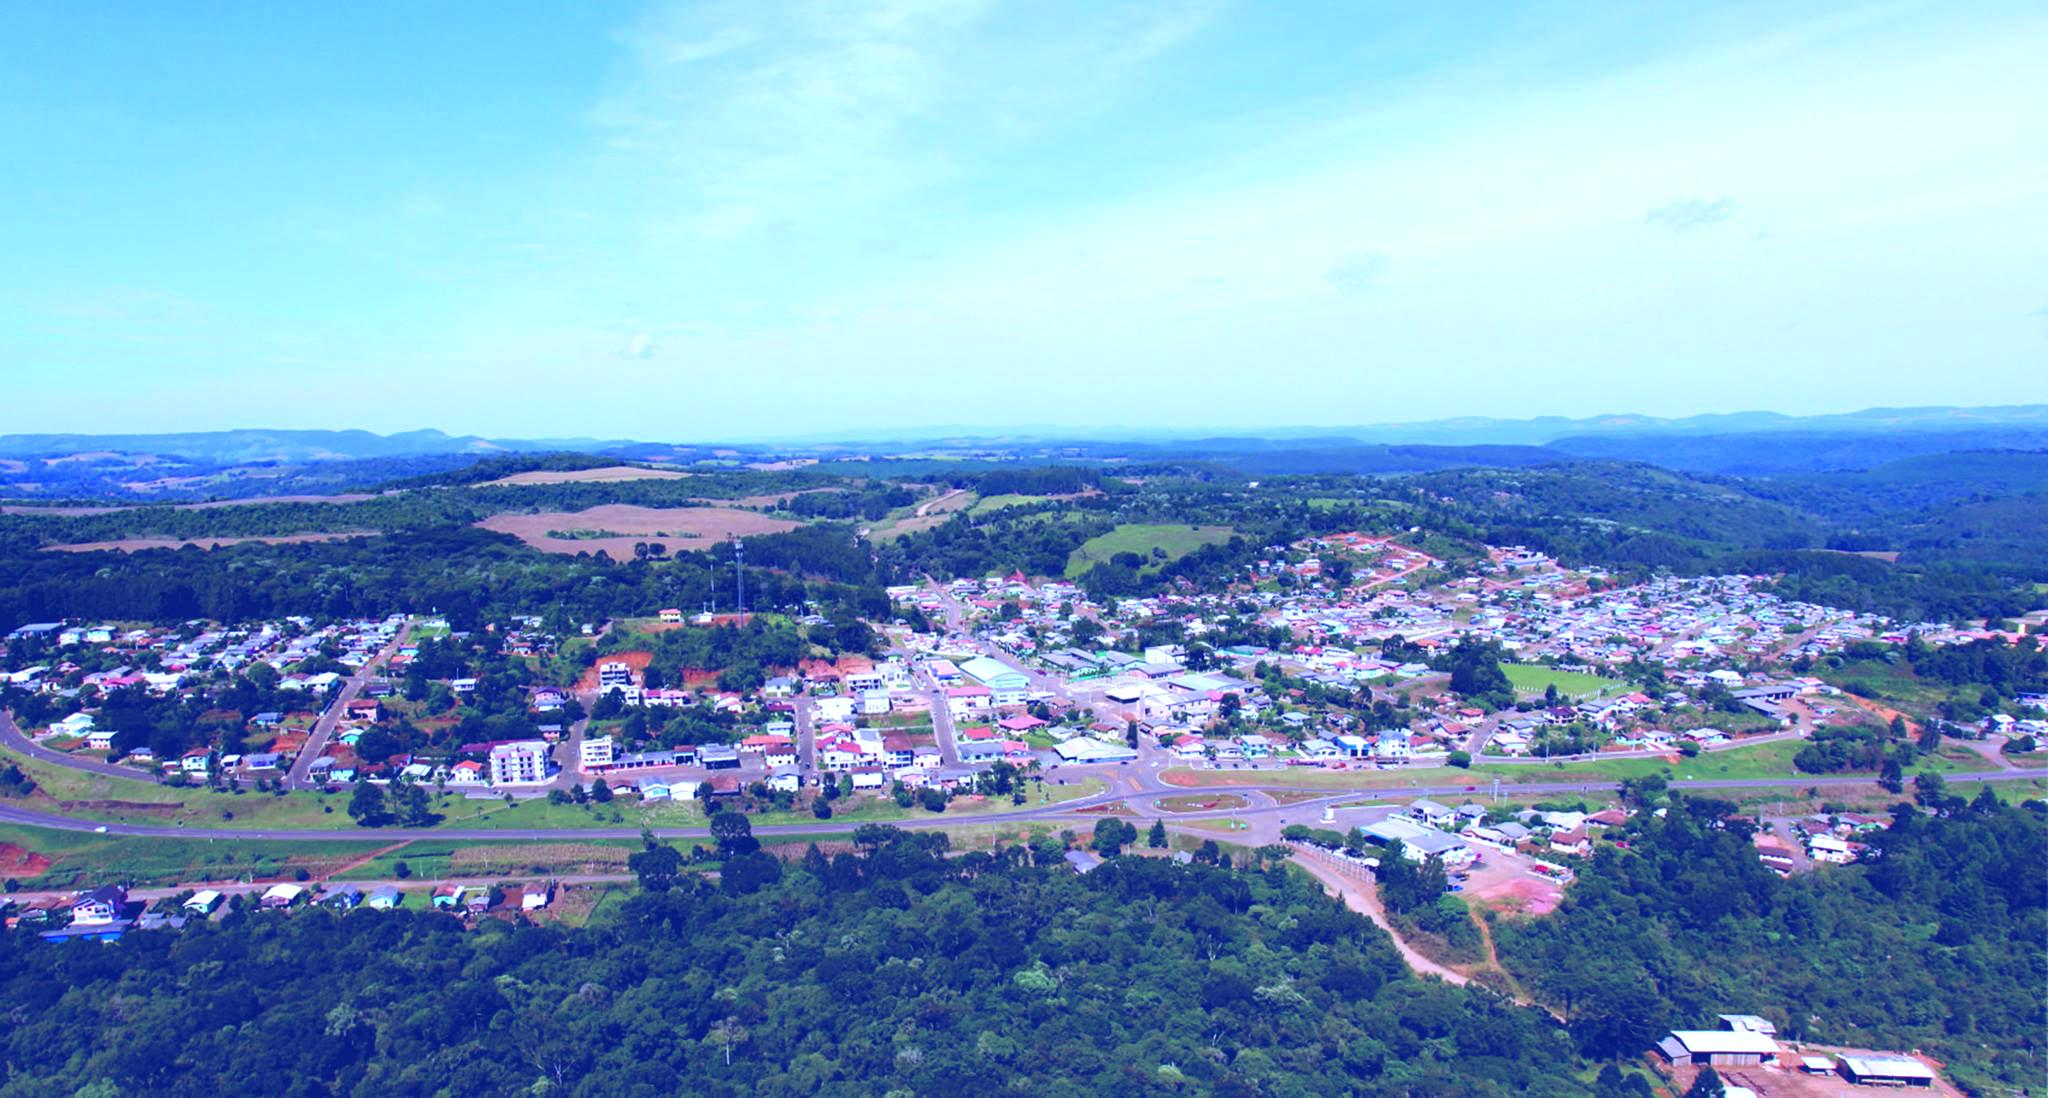 Mei Microempreendedor em Vargem Bonita, SC